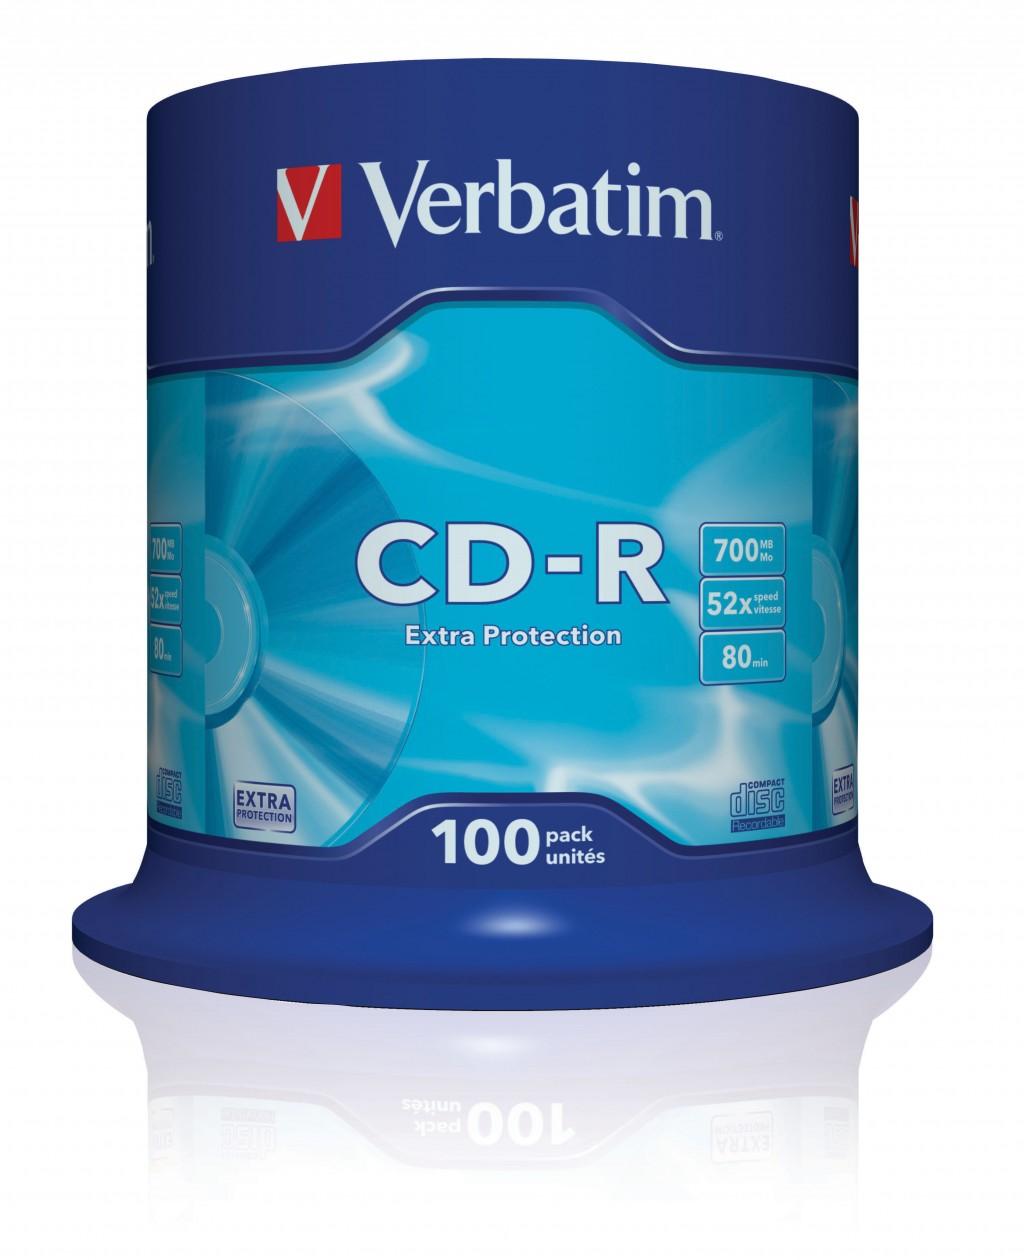 VERBATIM CD-R 80 min. / 700 MB 52x 100-p